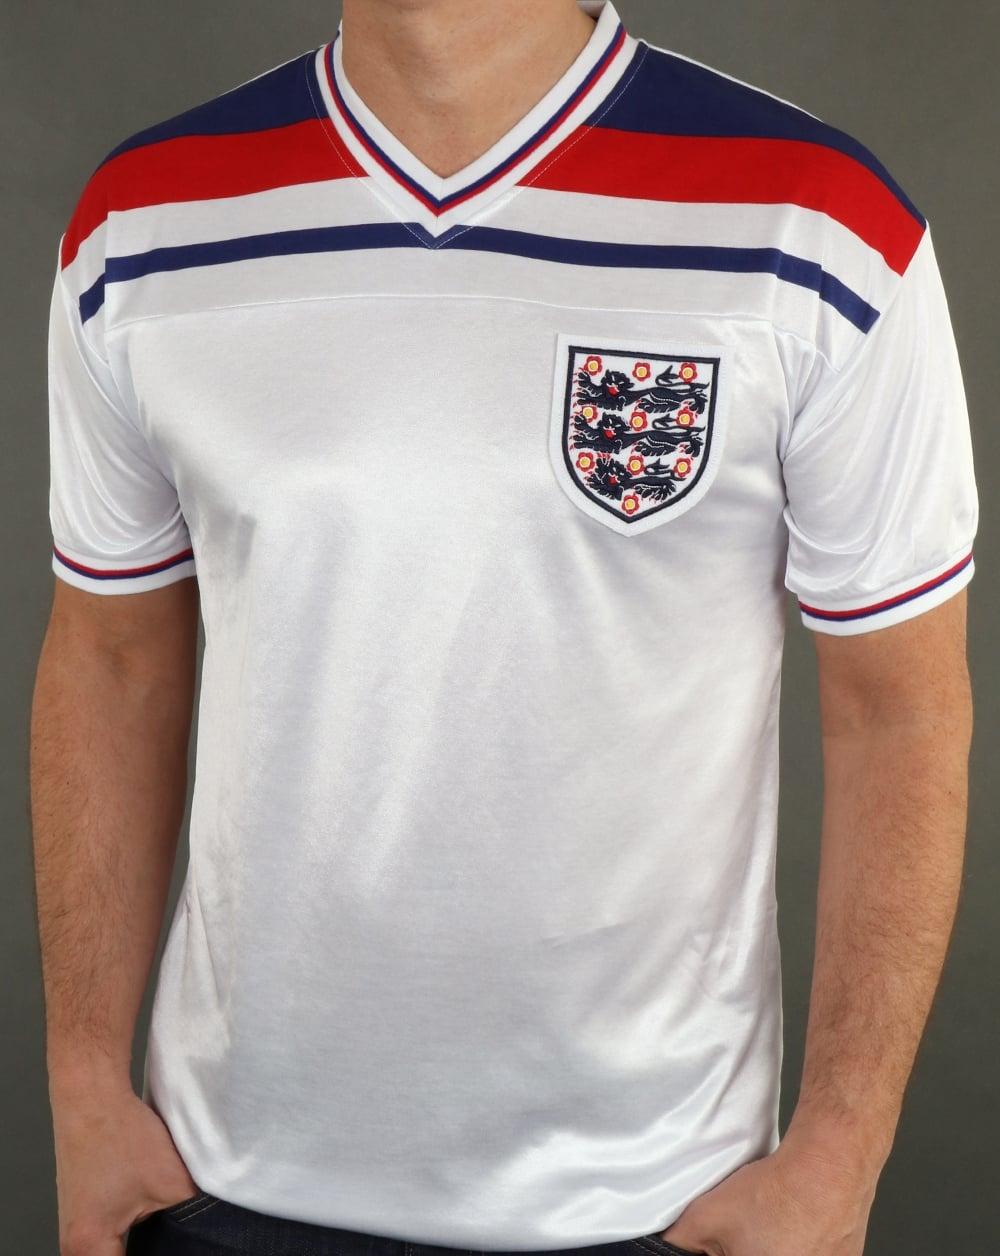 1d76e1ce3ffc 80s Casual Classics England 1982 Retro Football Shirt White